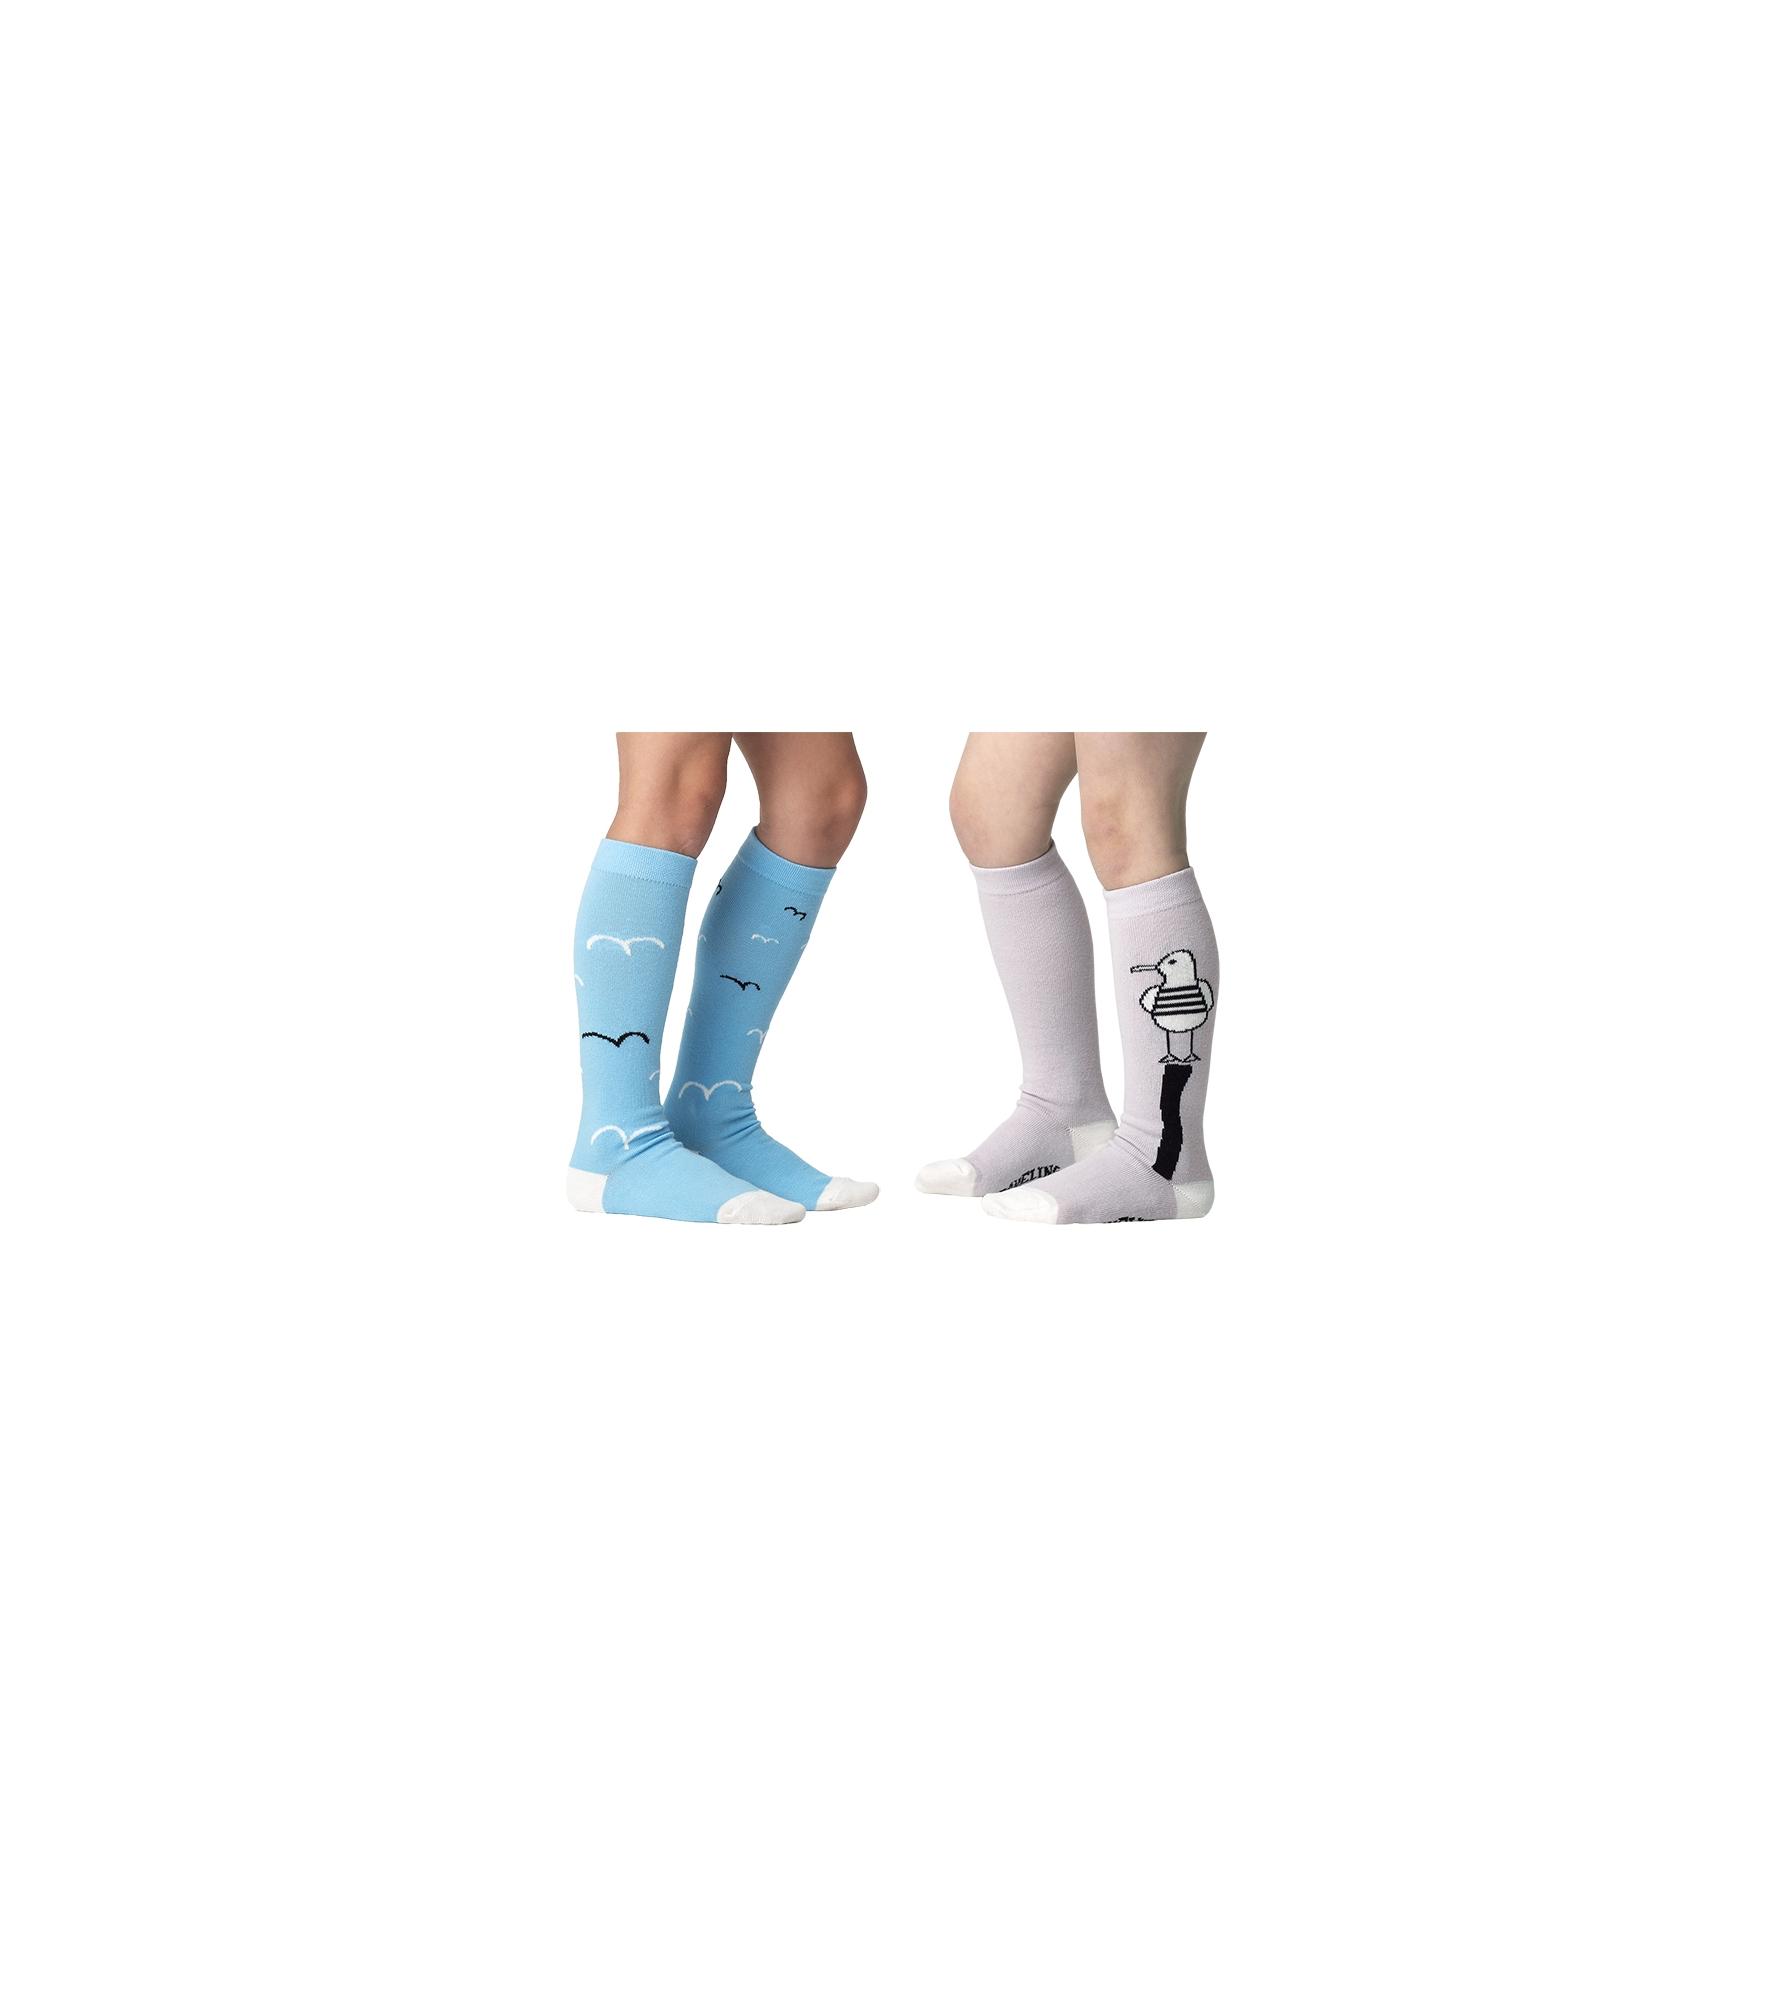 Seagull Socks_2-pack.jpg